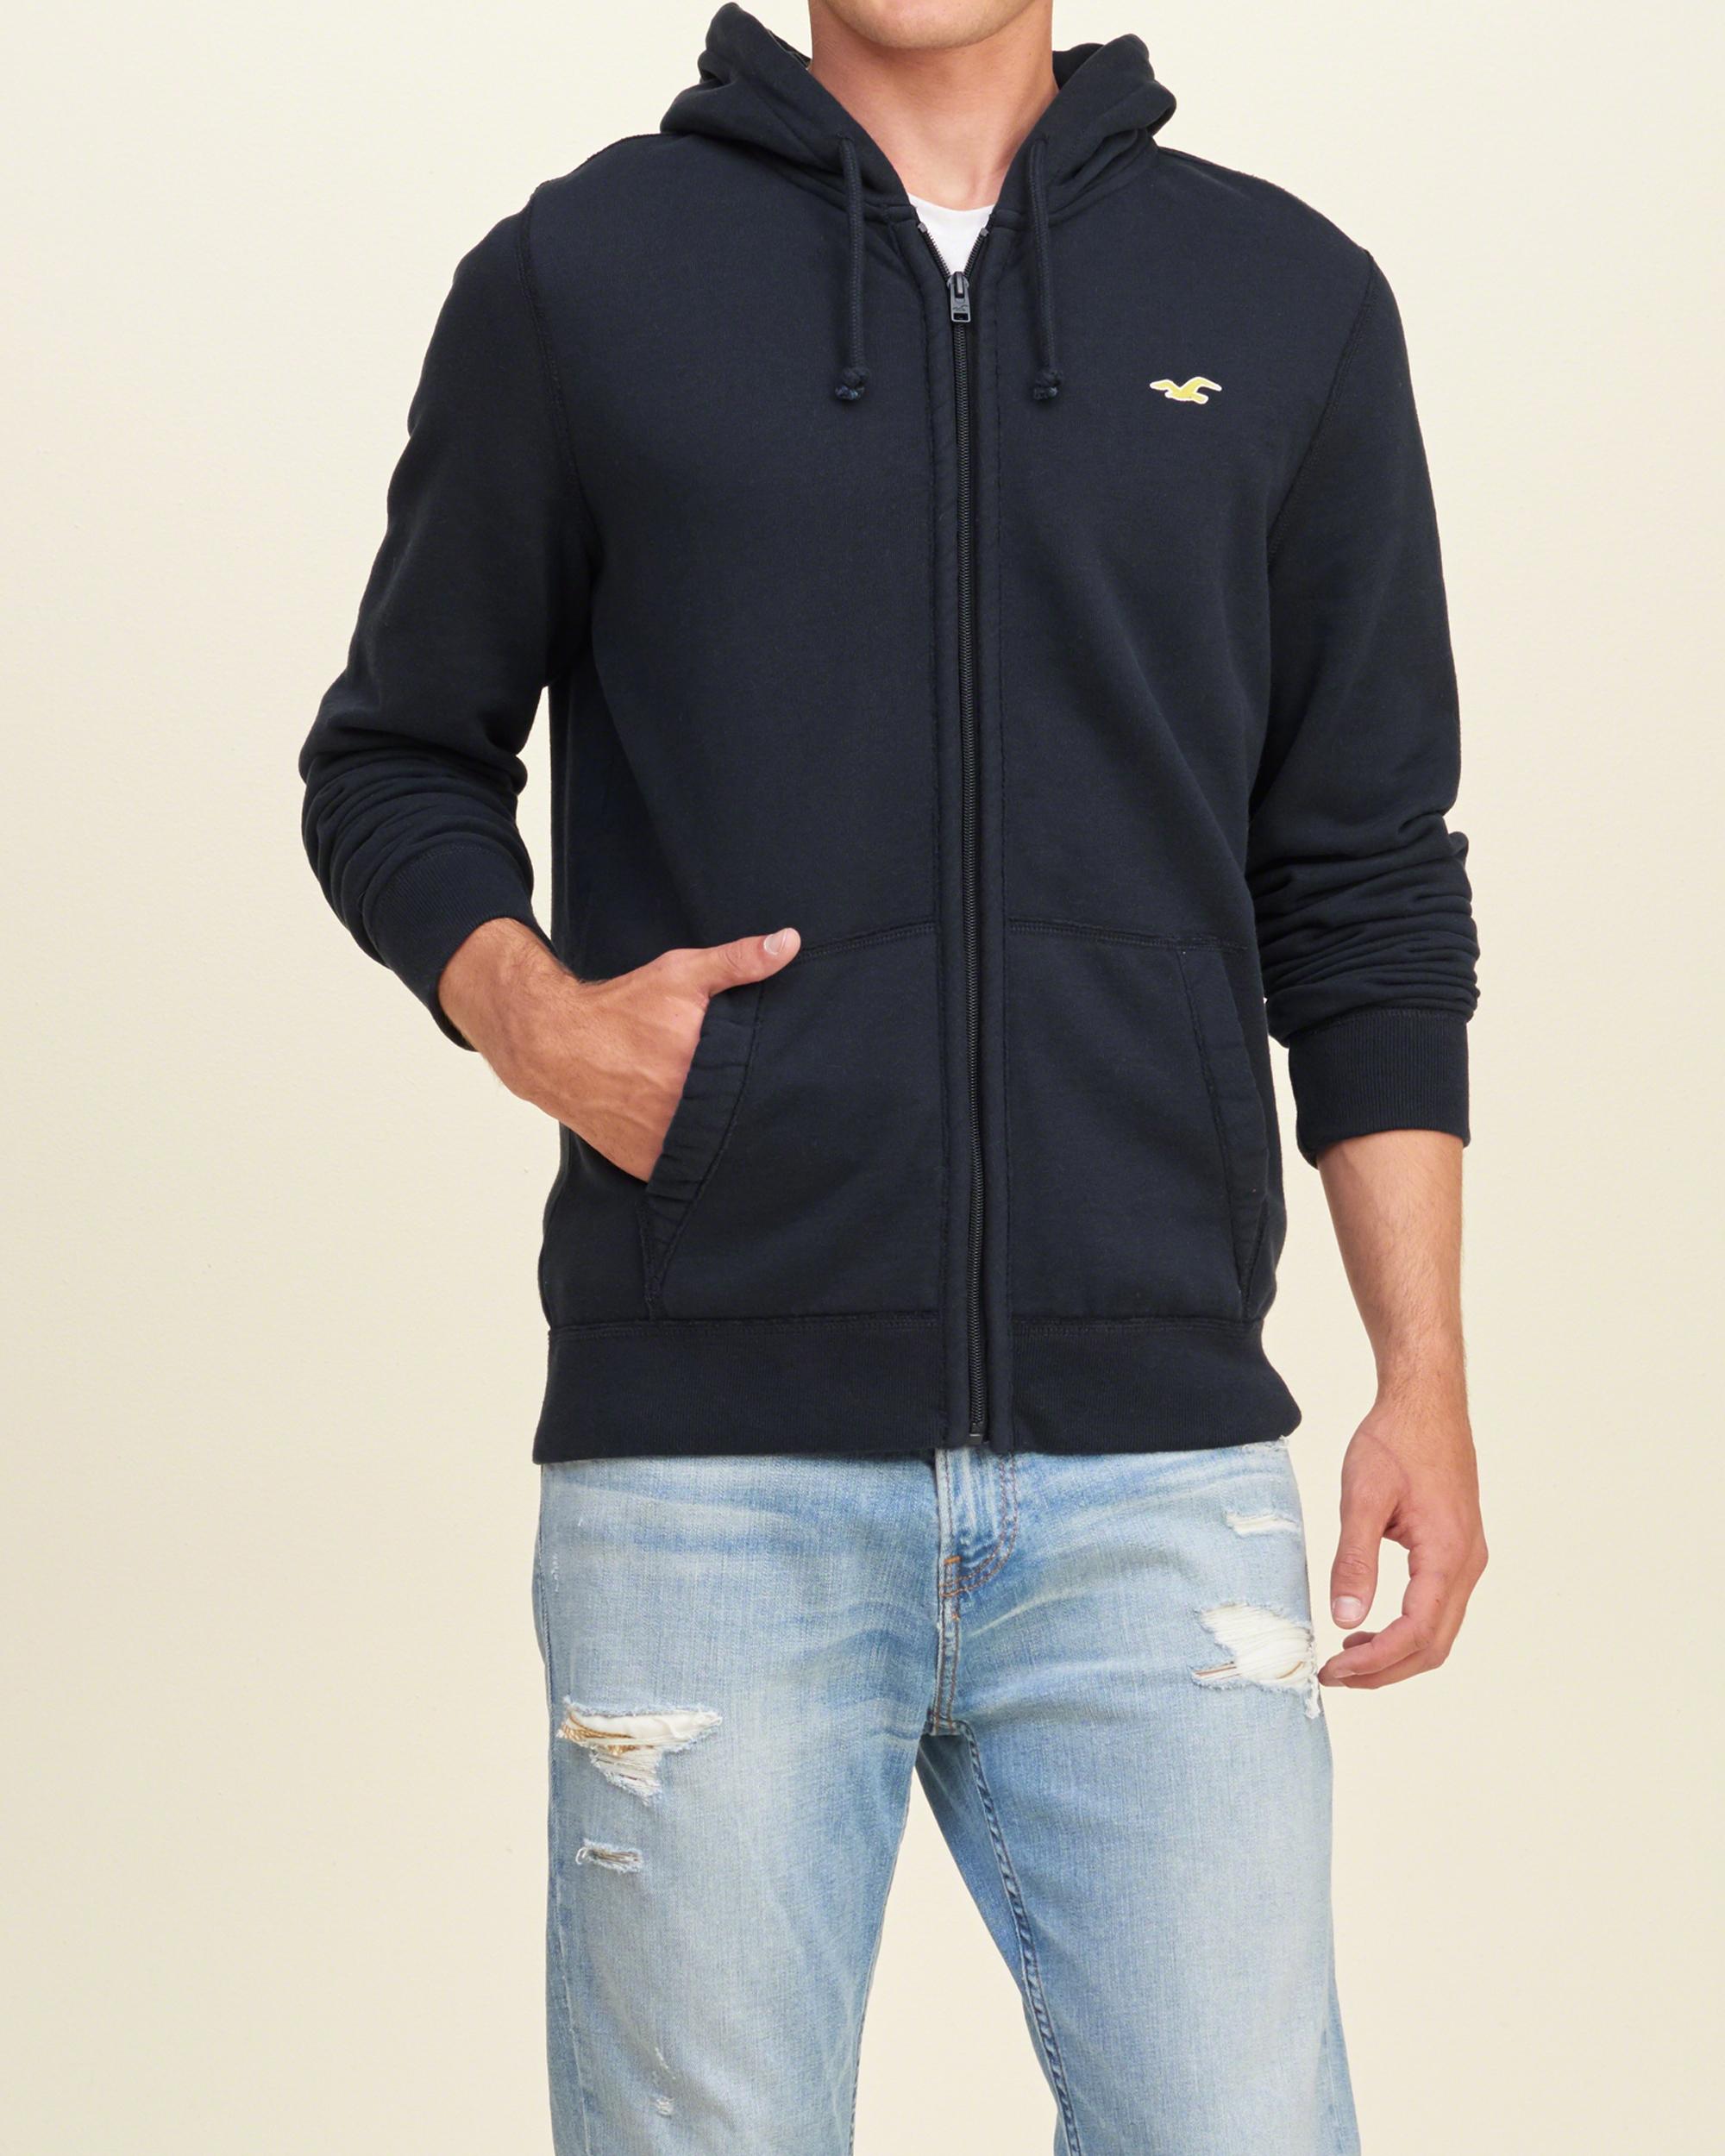 Hollister hoodie mens